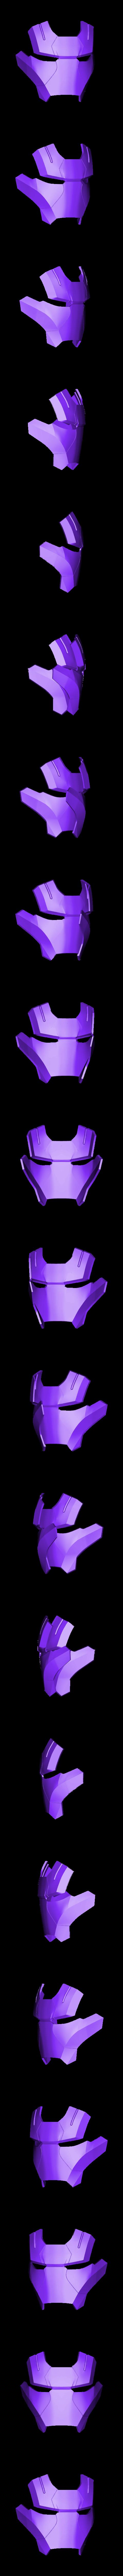 Iron_Patriot_Face_Mask.stl Télécharger fichier STL gratuit Iron Patriot Helmet (Iron Man) • Objet à imprimer en 3D, VillainousPropShop